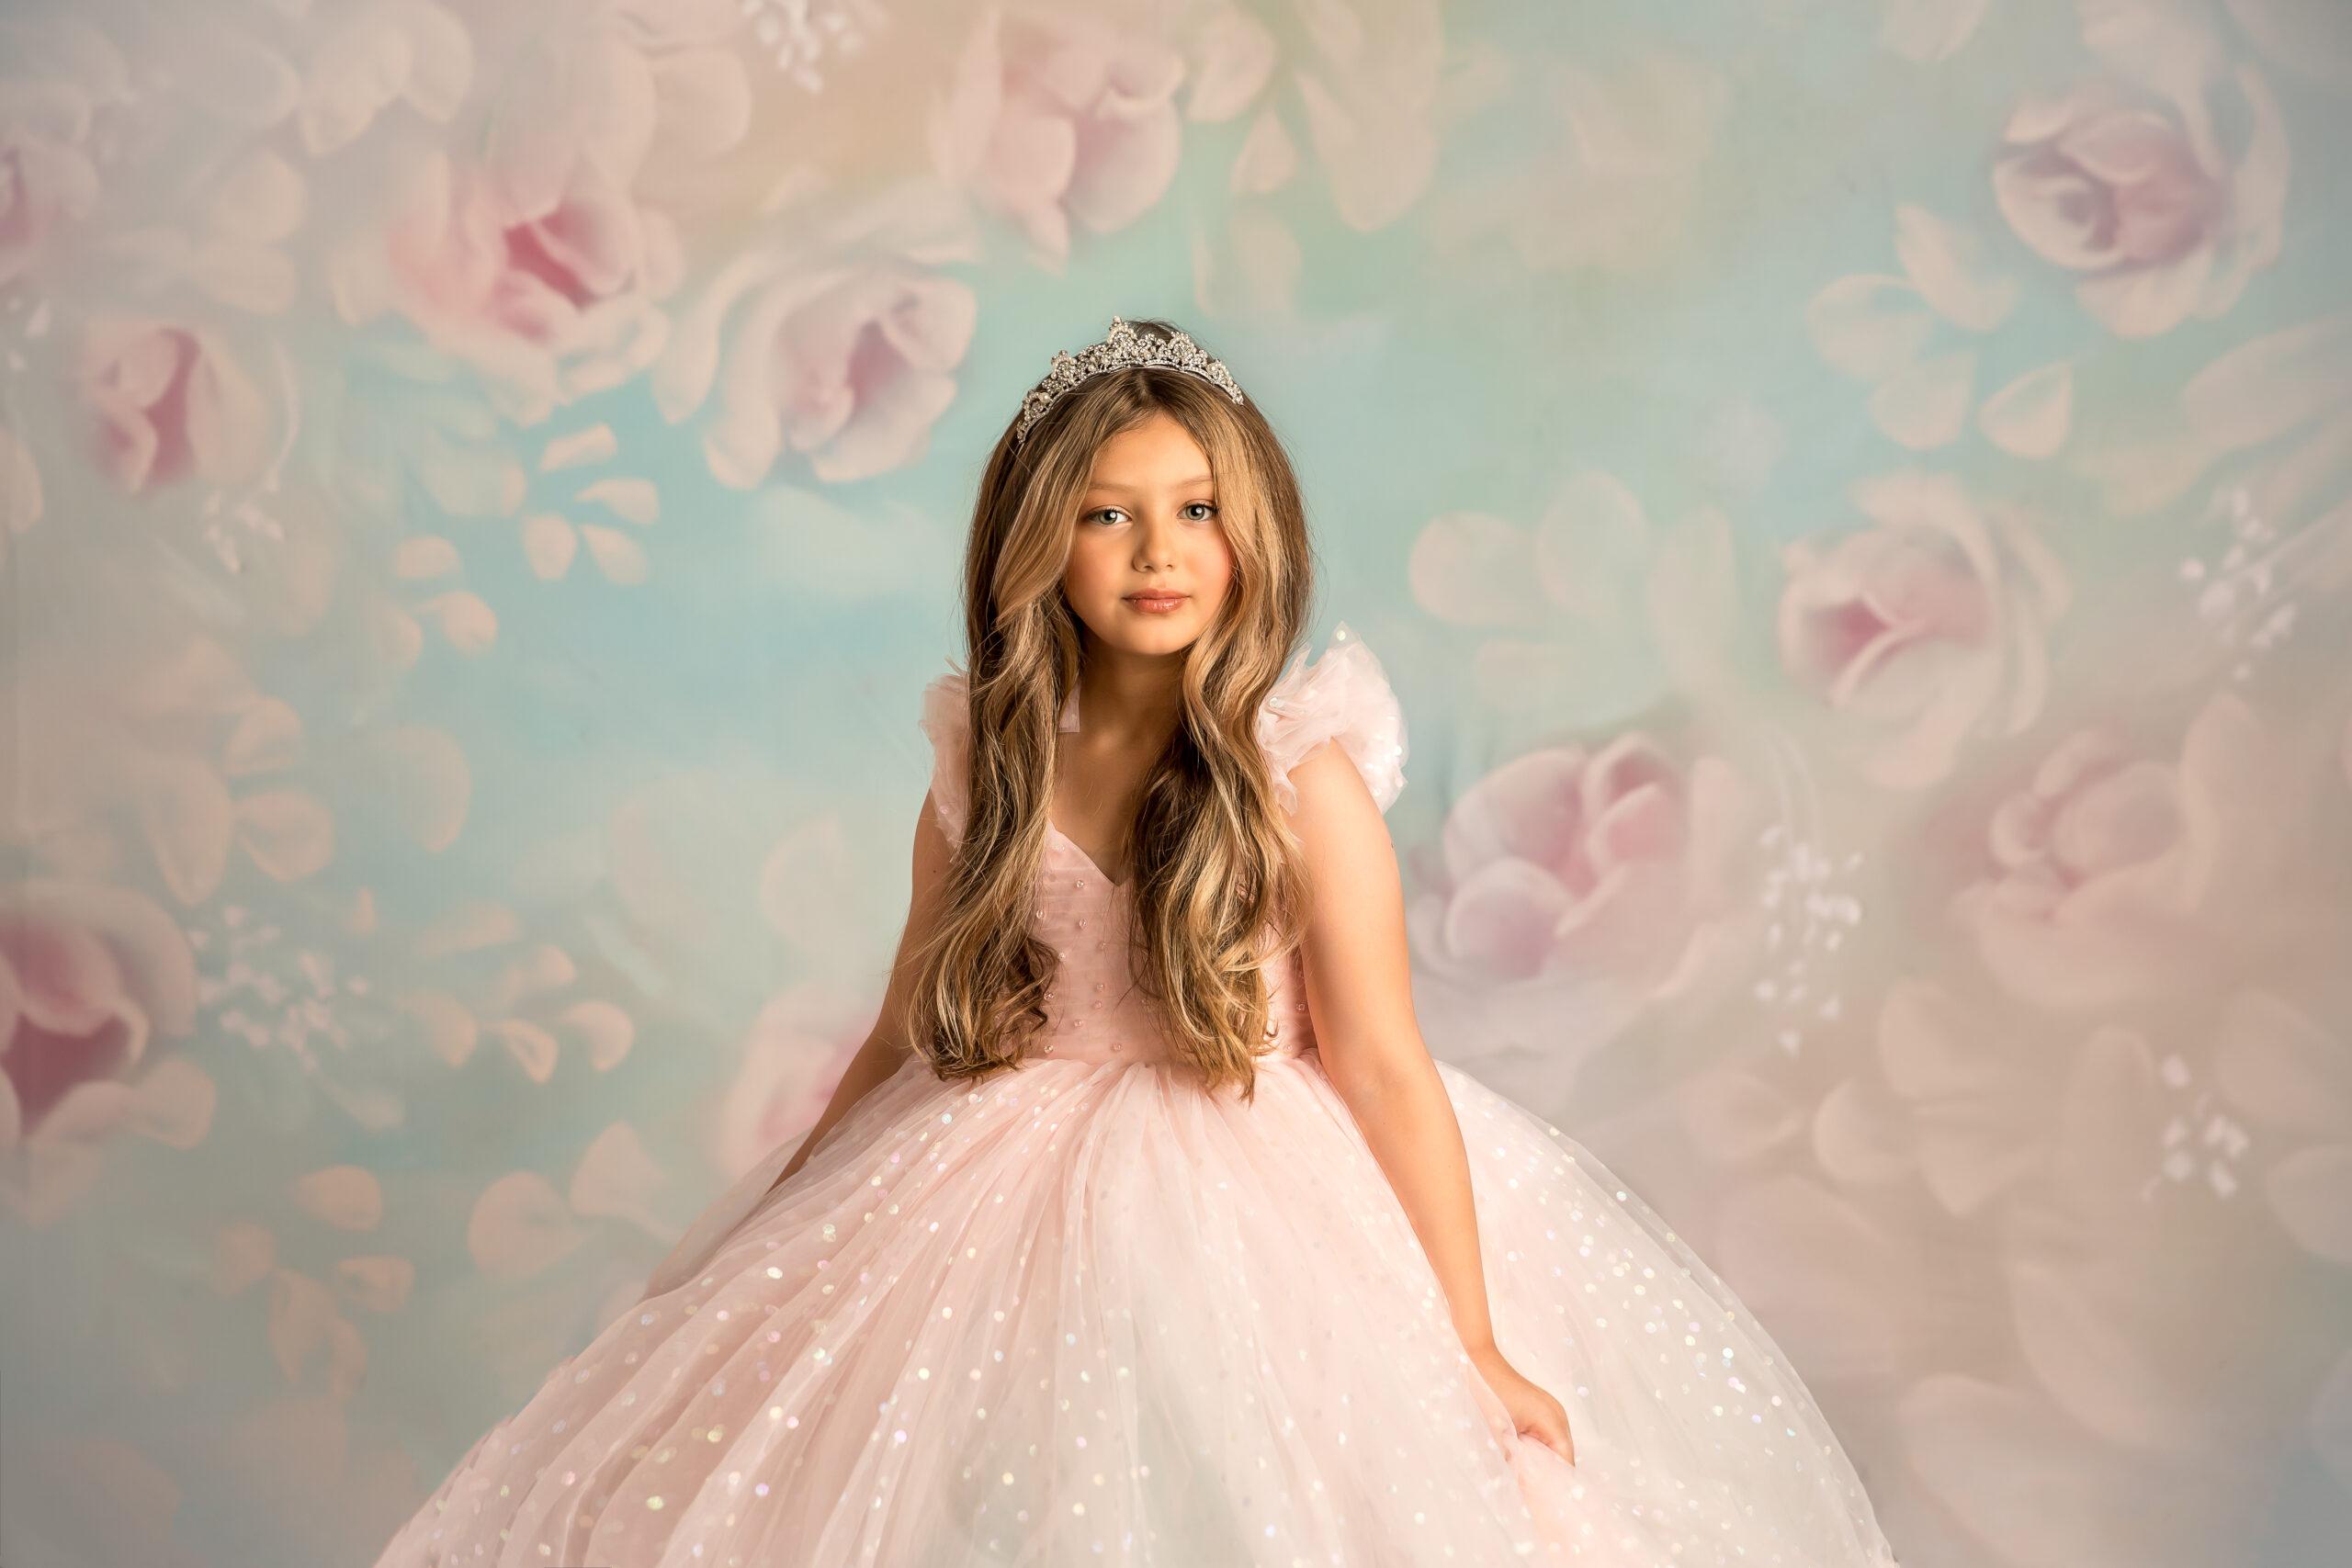 Az Princess Photos